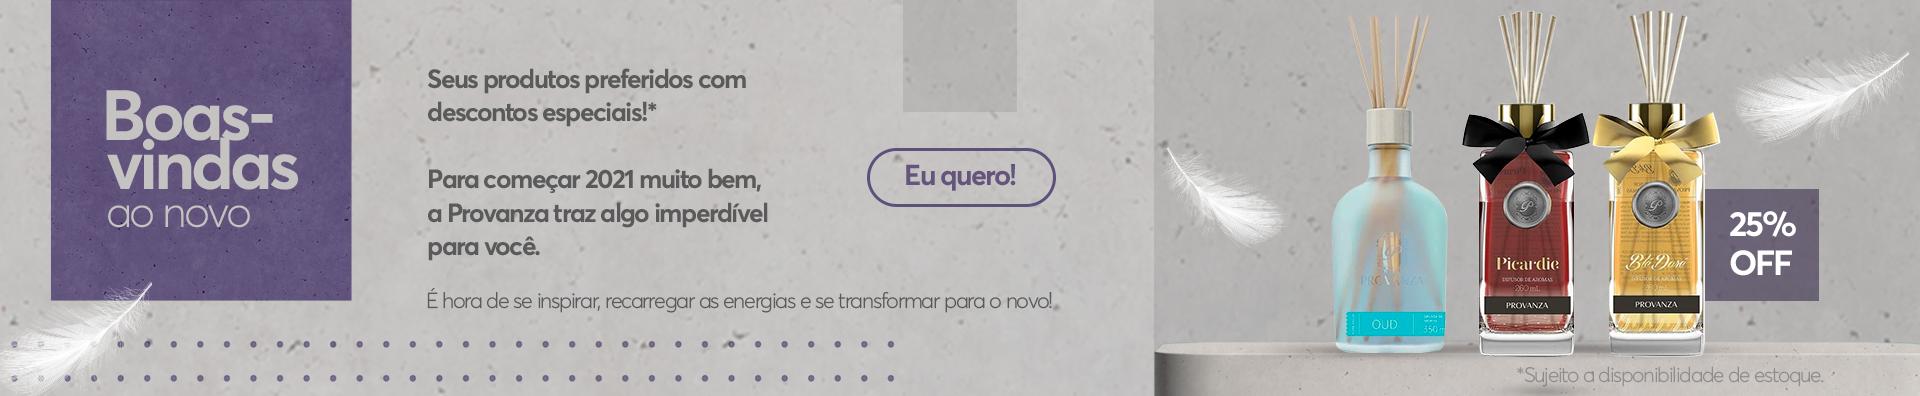 Campanha Janeiro 2021